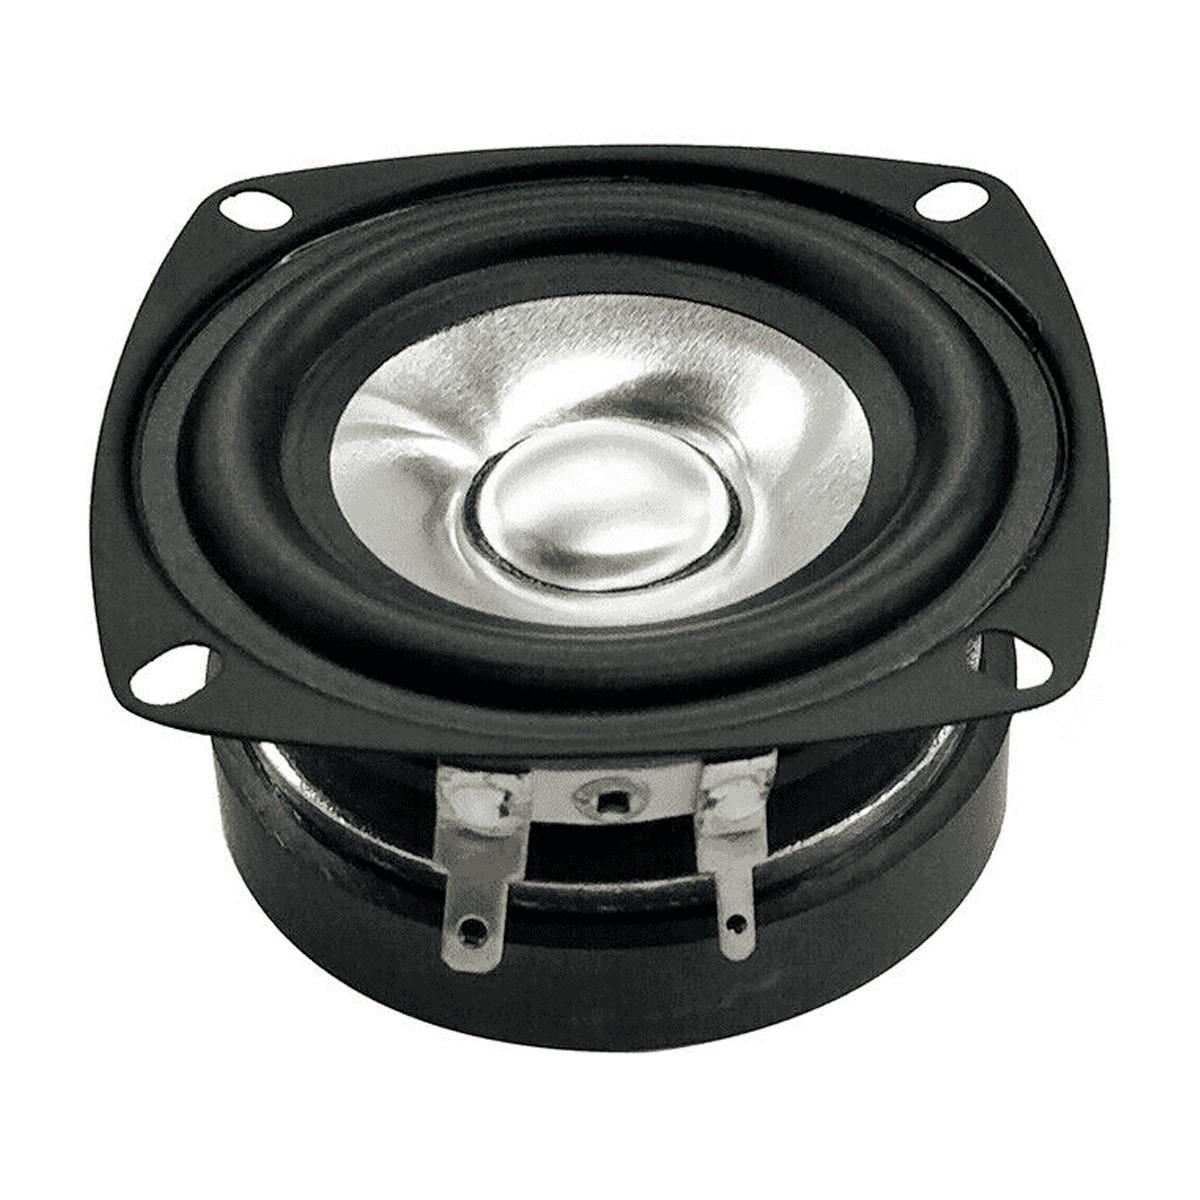 FOUNTEK FE86 Speaker Driver Full Range 15W 8 Ohm 83dB 95Hz - 20kHz Ø8cm (Unité)